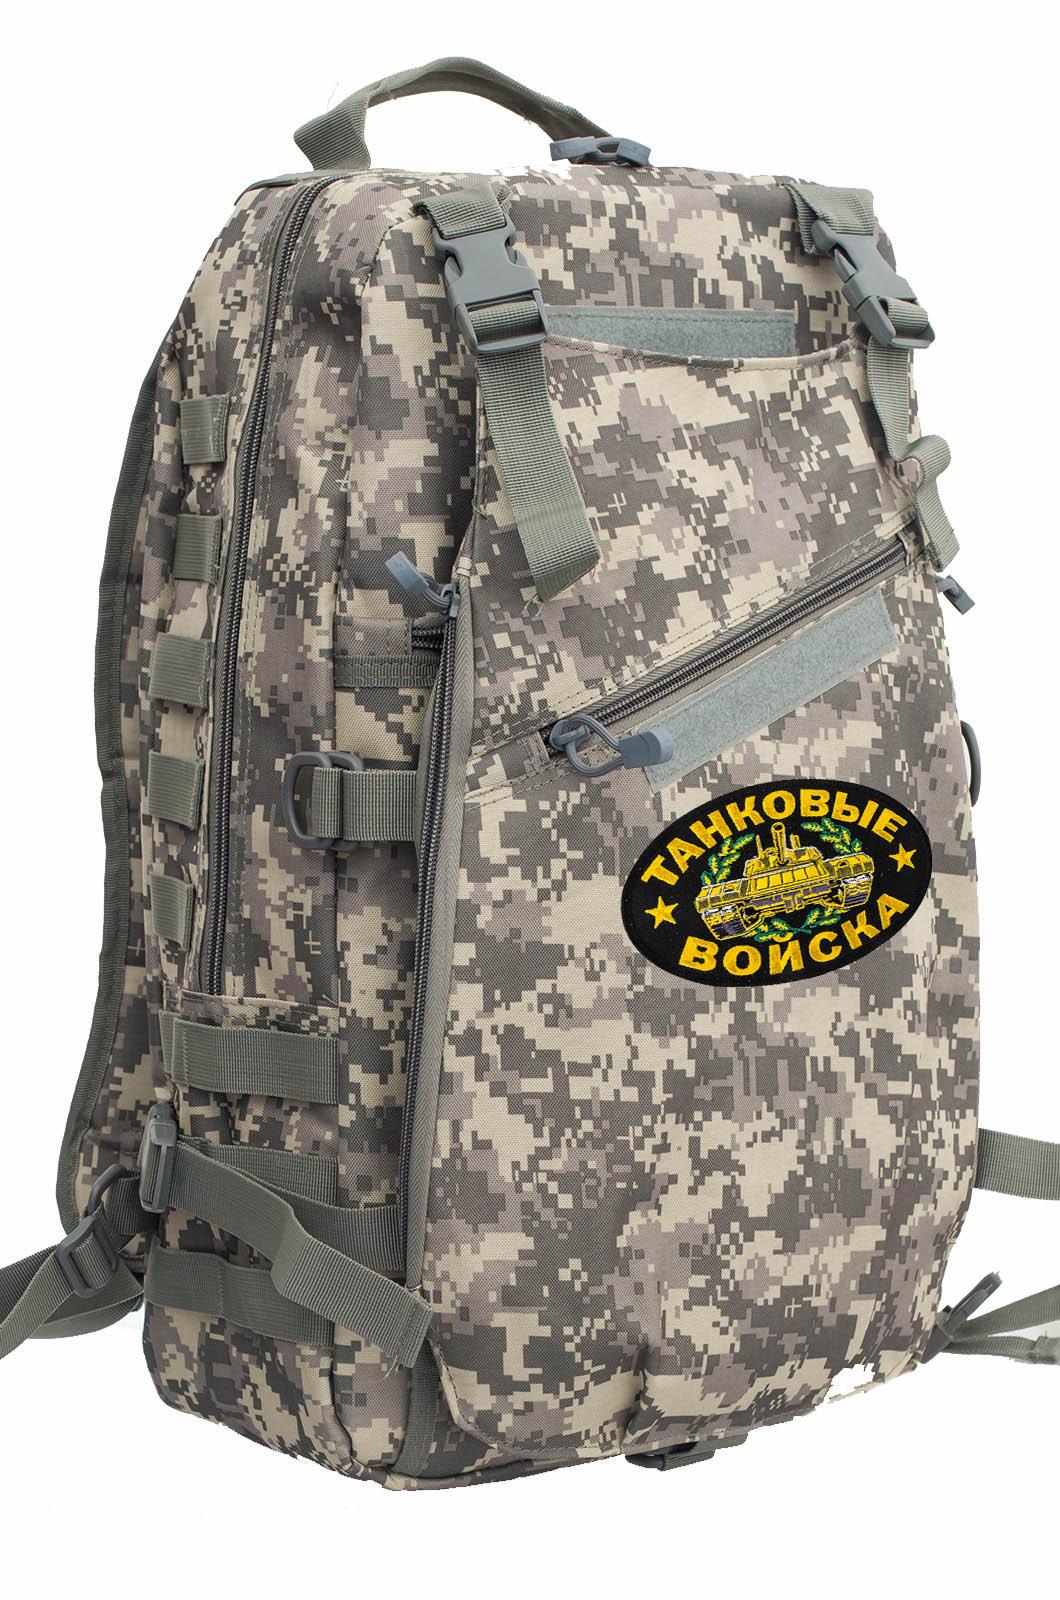 Купить тактический рейдовый рюкзак с нашивкой Танковые войска по сниженной цене